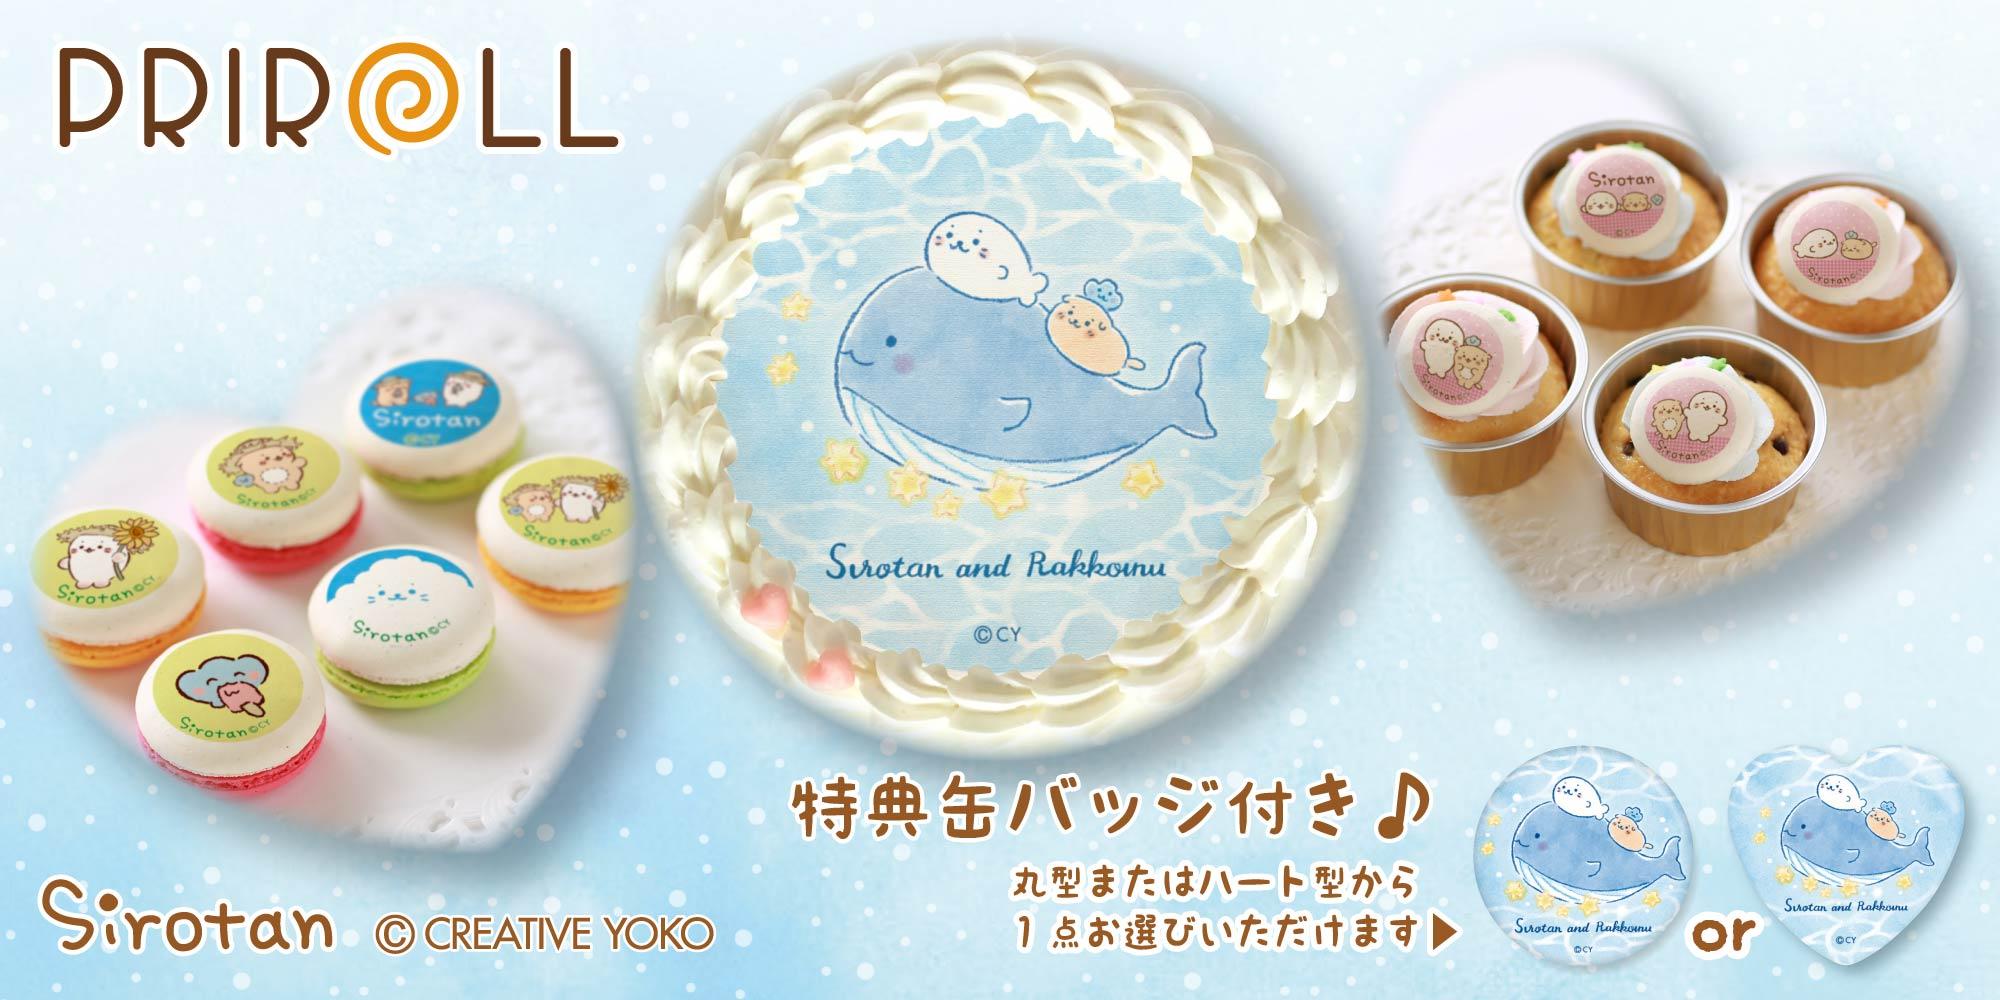 🐳priroll 星くじらテーマのケーキ、マカロン、カップケーキが登場!🌟